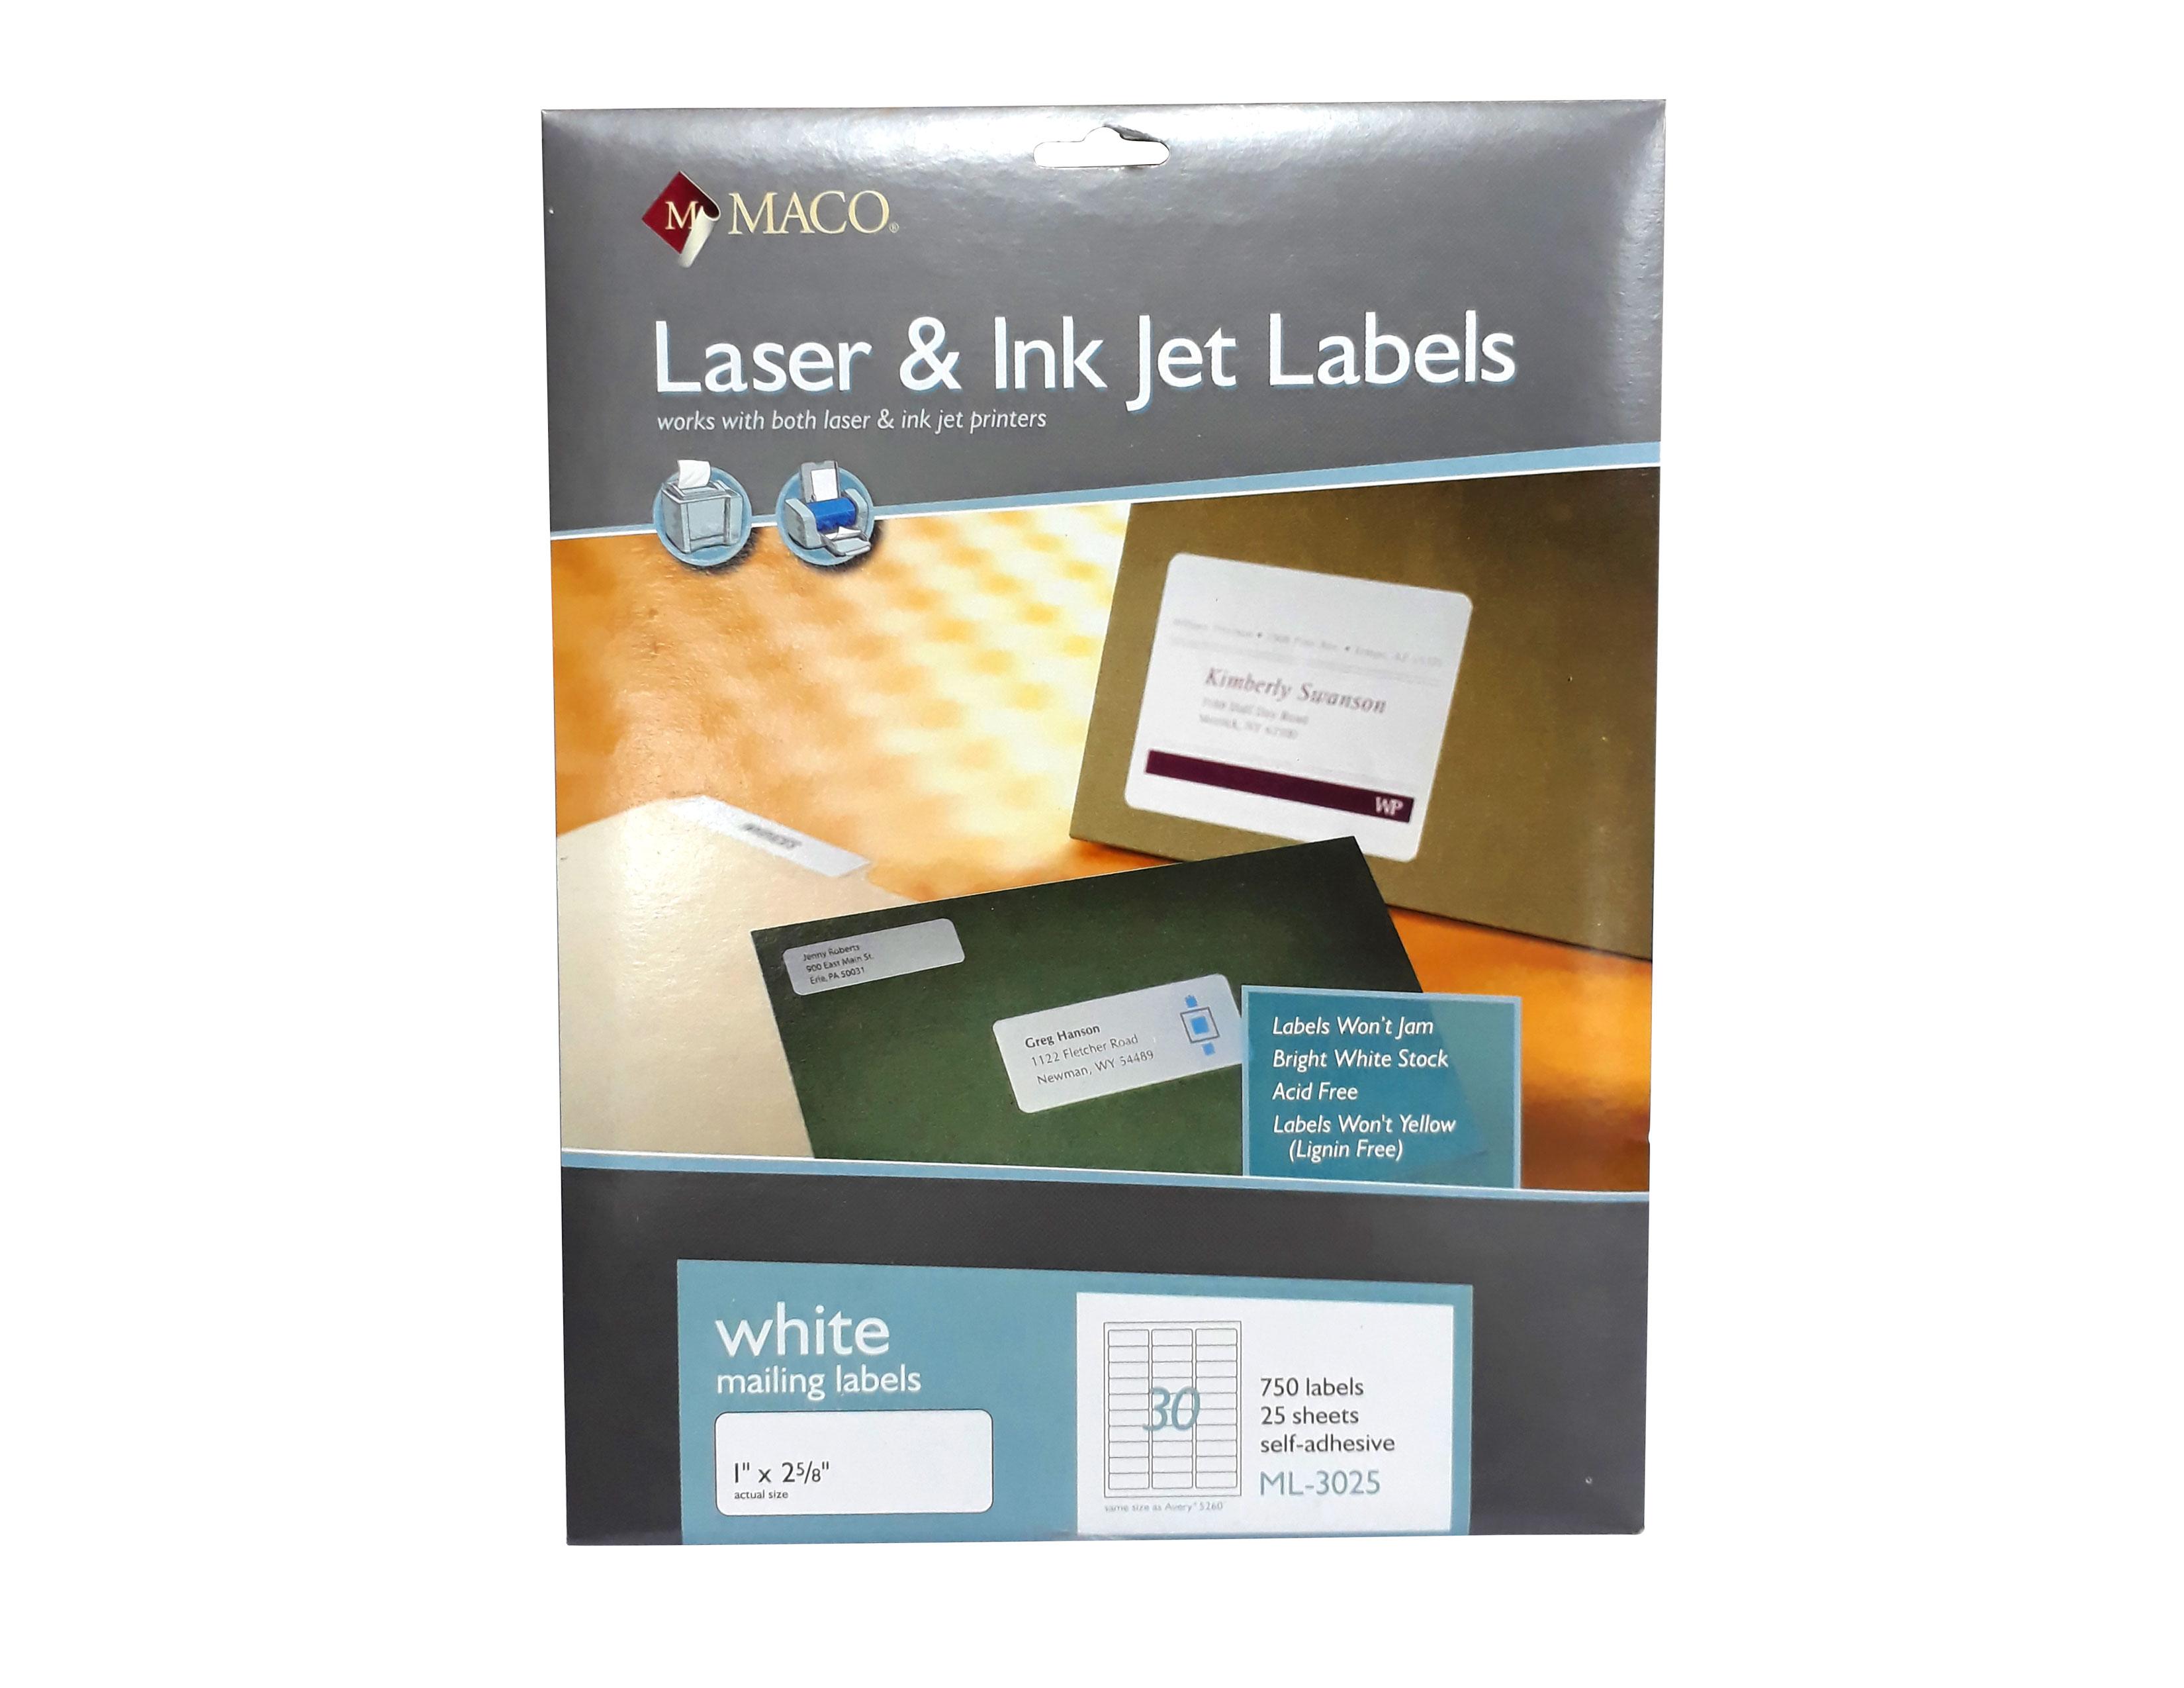 ETIQUETAS 1X2 5/8 ML-3025 LASER & INK-JET